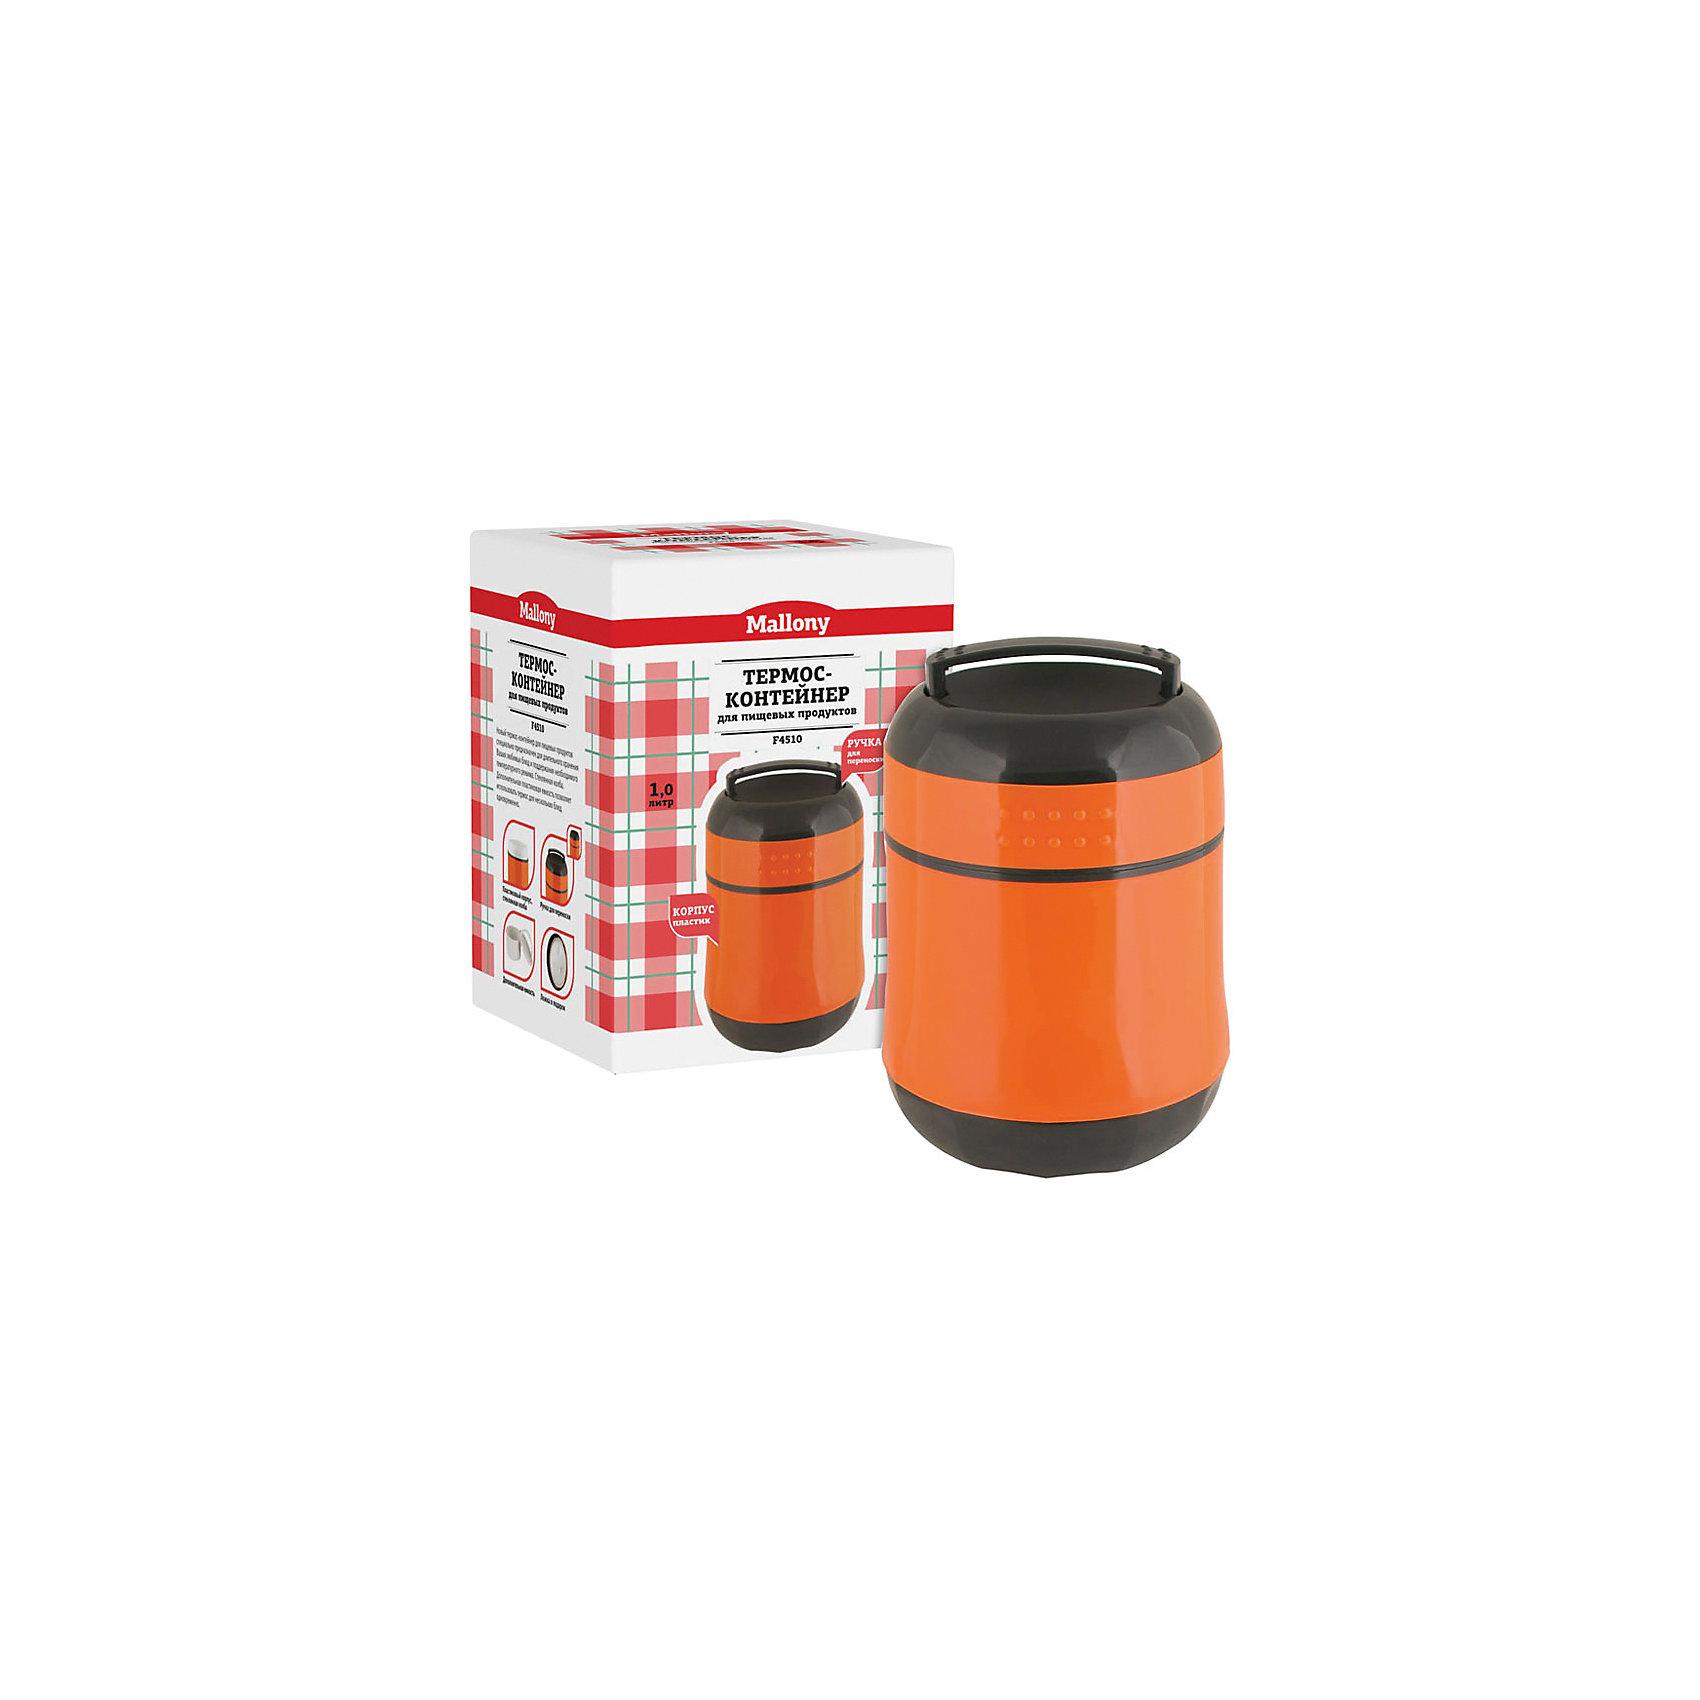 Термос F4510 1,0 л., стеклянная колба, широкое горло, MallonyТермосумки и термосы<br>Термос-контейнер для первых и вторых блюд хорошо держит температуру, еда долгое время остается горячей. Термос с широким горлышком, крышкой и ручкой для переноски.<br><br>Дополнительная информация:<br><br>Размер термоса: 19,5х15,5х15,5 см<br>Объем термоса: 1 л<br><br>Материал: <br>колба – стекло; <br>корпус – полипропилен с полиуретановыми вставками<br><br>Термос F4510 1,0 л., стеклянная колба, широкое горло, Mallony можно купить в нашем интернет-магазине.<br><br>Ширина мм: 148<br>Глубина мм: 148<br>Высота мм: 180<br>Вес г: 899<br>Возраст от месяцев: 6<br>Возраст до месяцев: 1080<br>Пол: Унисекс<br>Возраст: Детский<br>SKU: 4989847